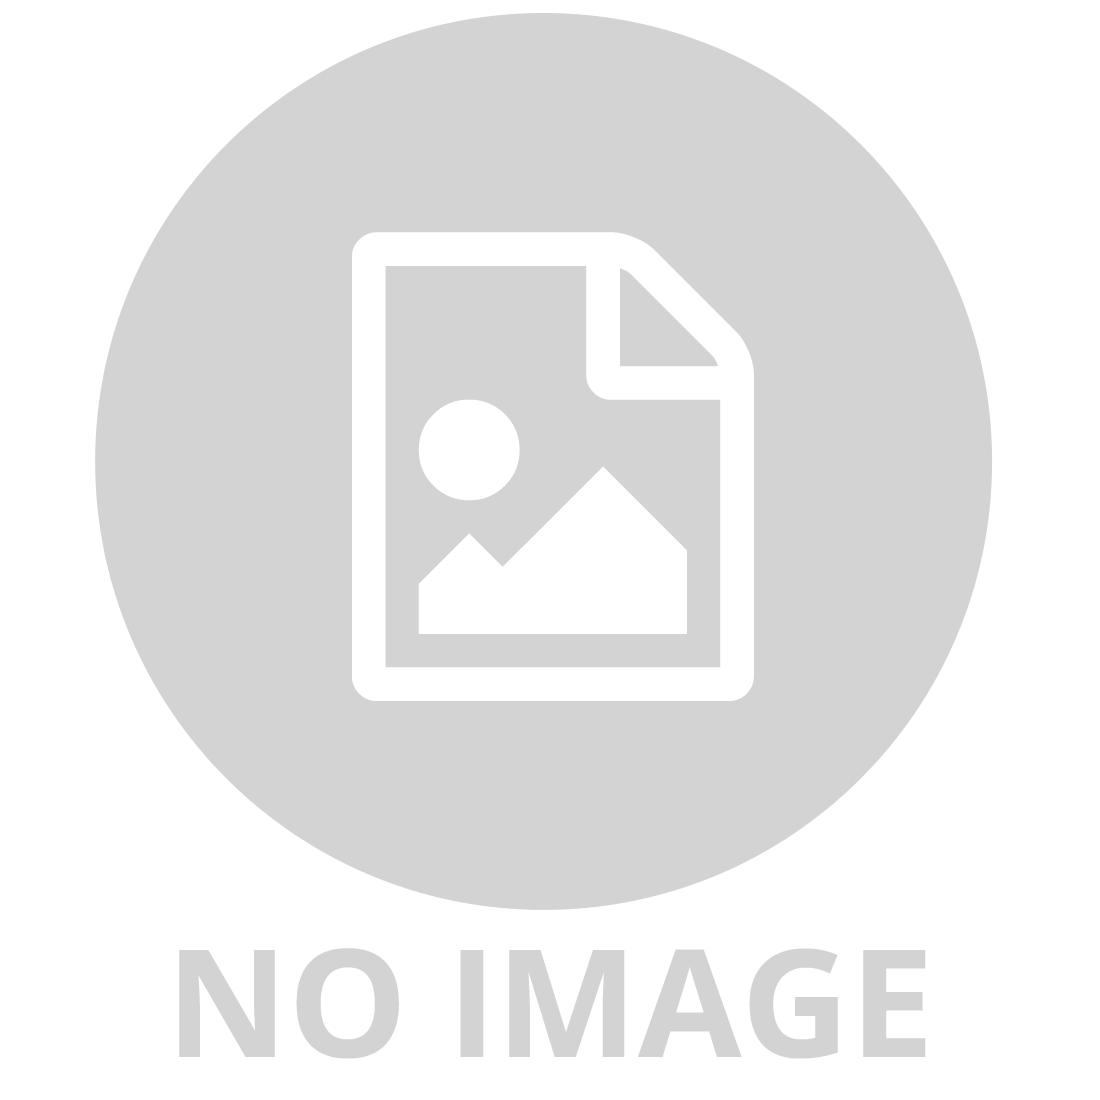 KNEX- TURBO JET 2 IN 1 BUILDING SET